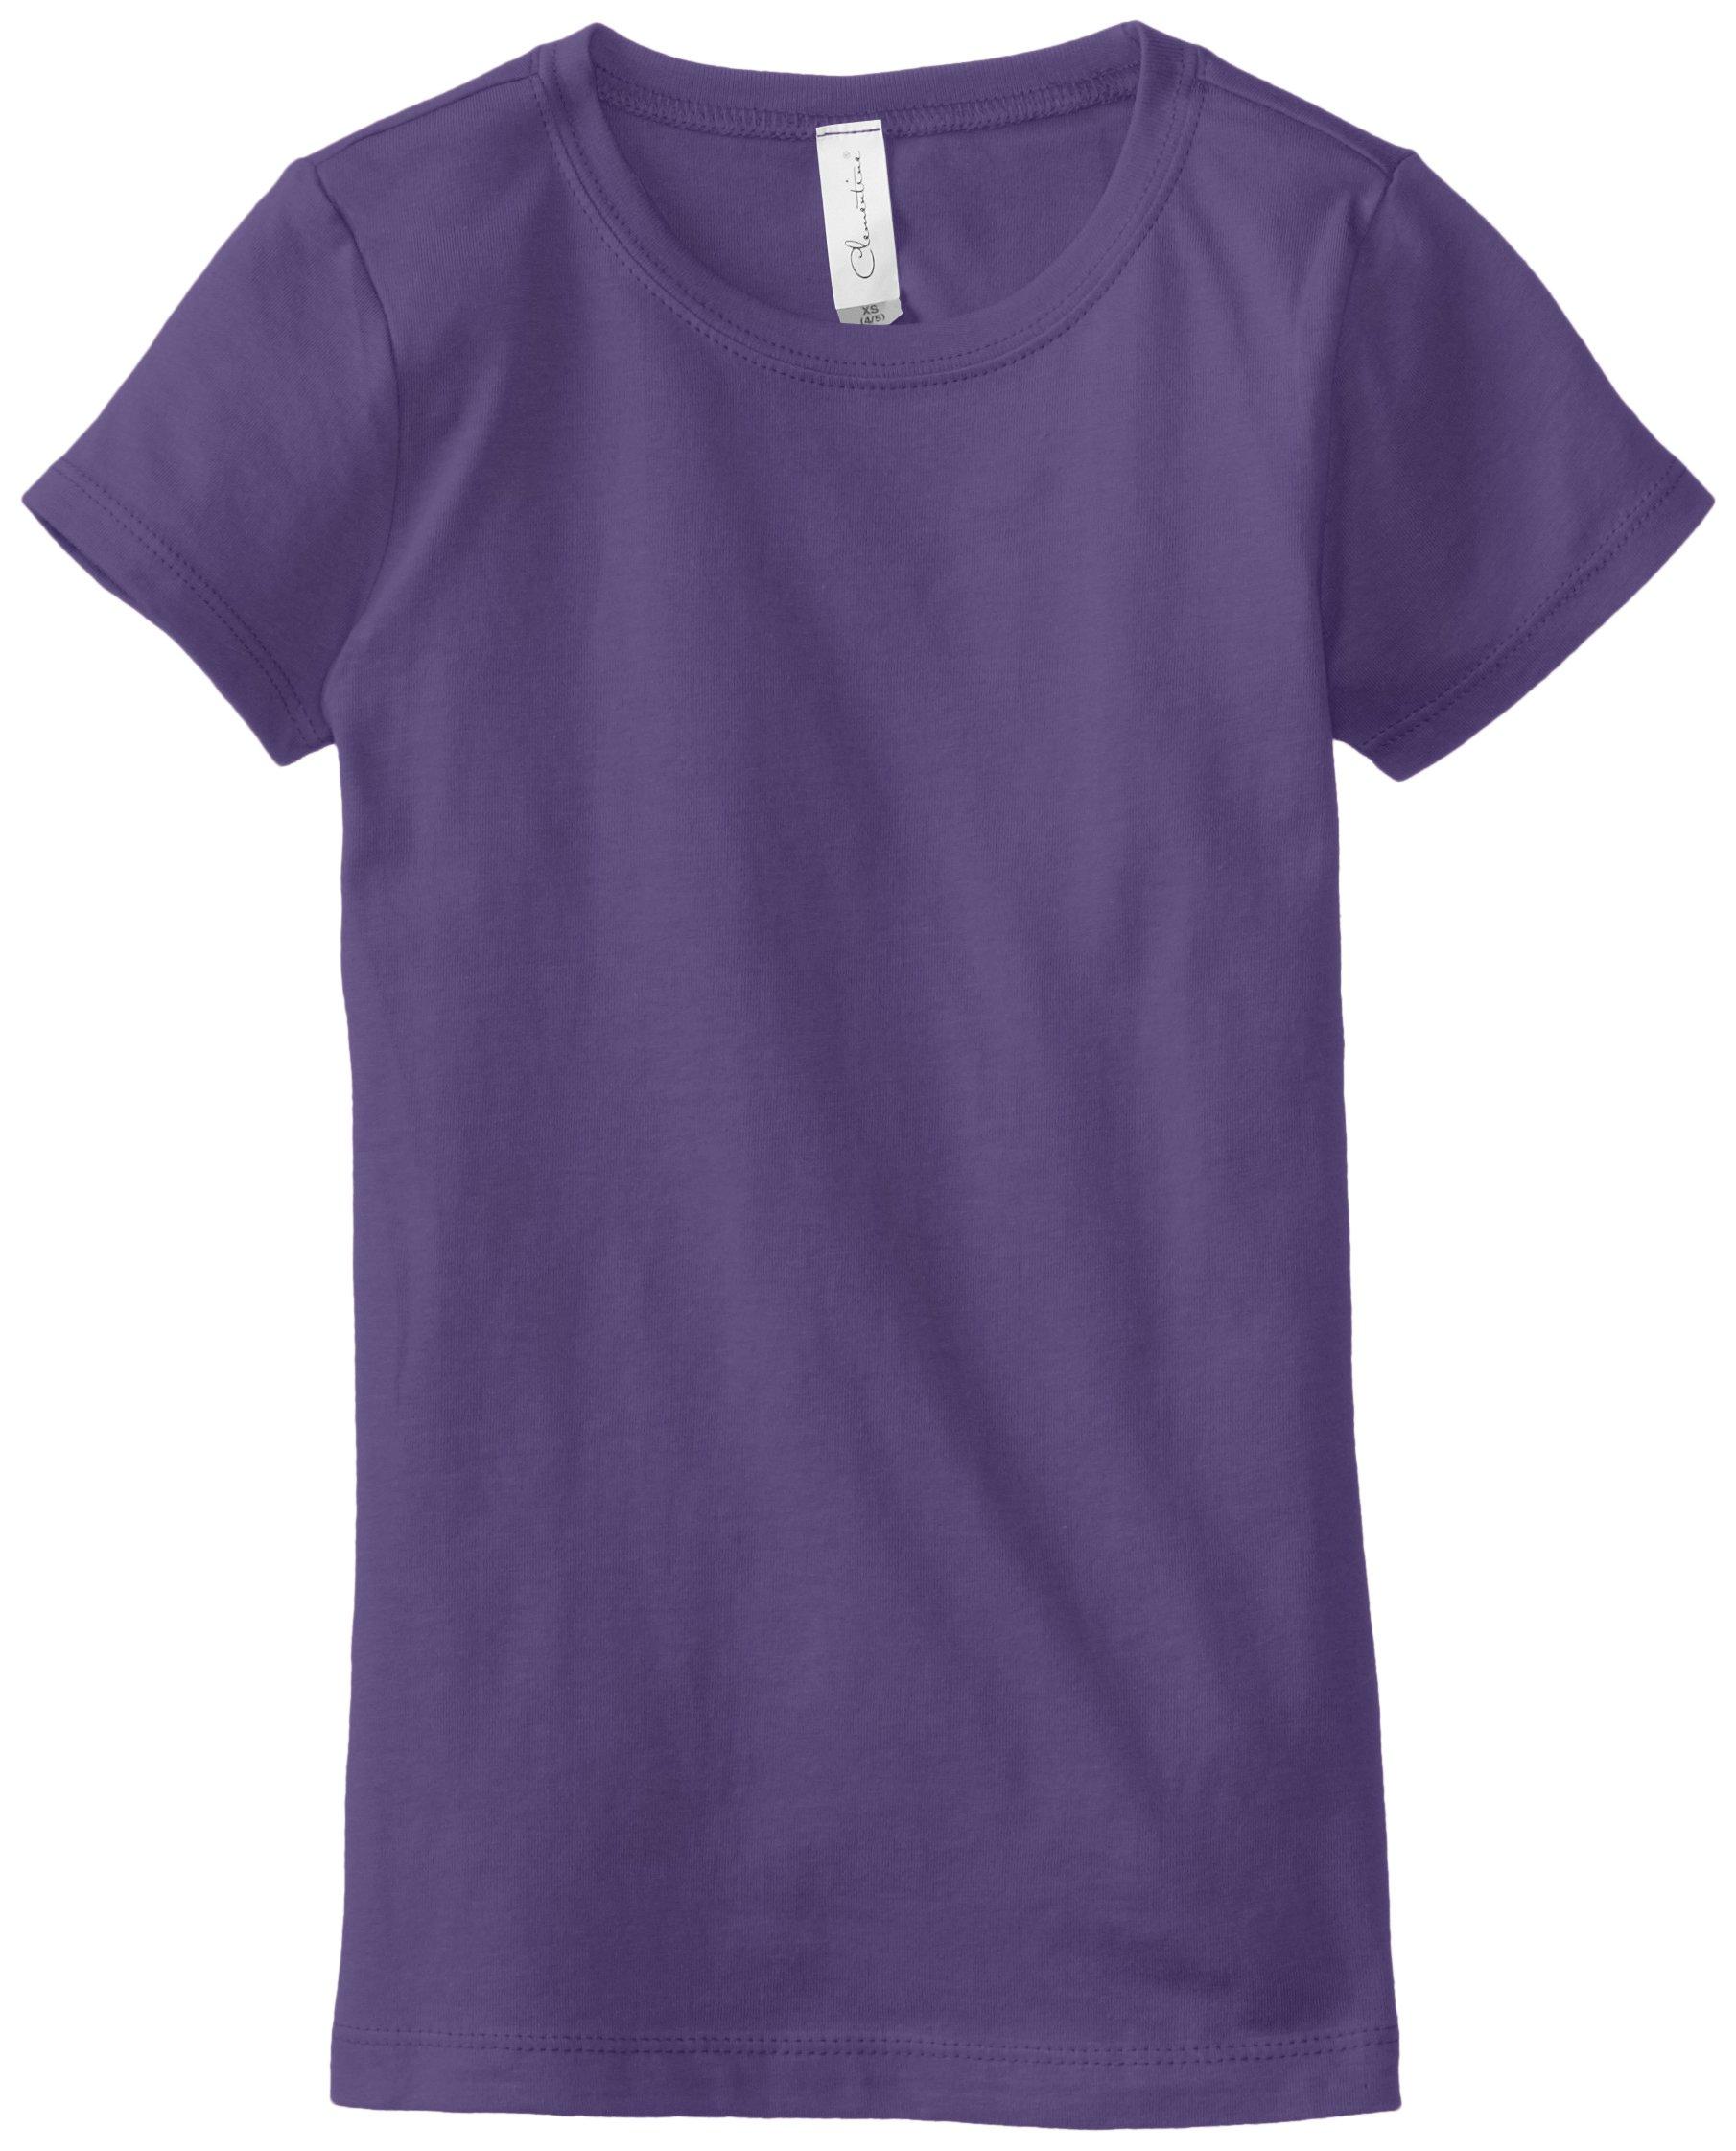 Clementine Big Girls' Everyday T-Shirt, Purple Rush, Large(10-12)